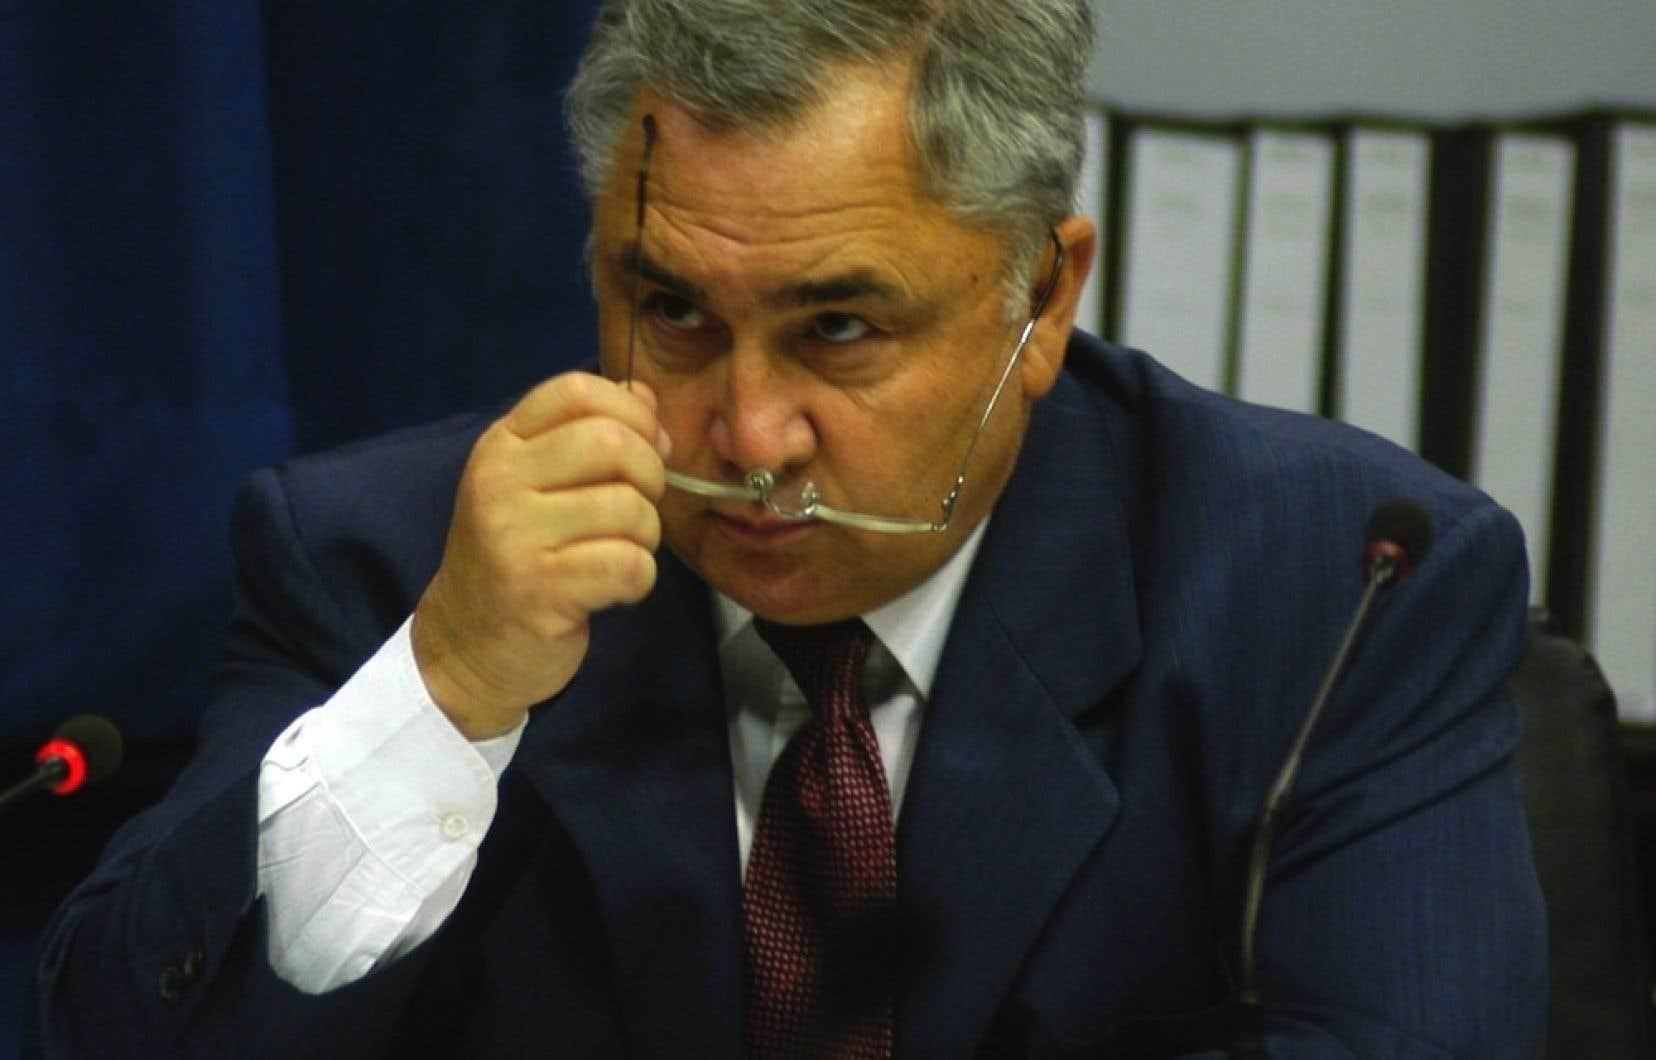 Pierre Bibeau, en 2005. Son ancienne secrétaire, Jocelyne Truchon, a expliqué lundi que Bibeau distribuait des billets de faveur ou des largesses à ceux qui le demandaient.